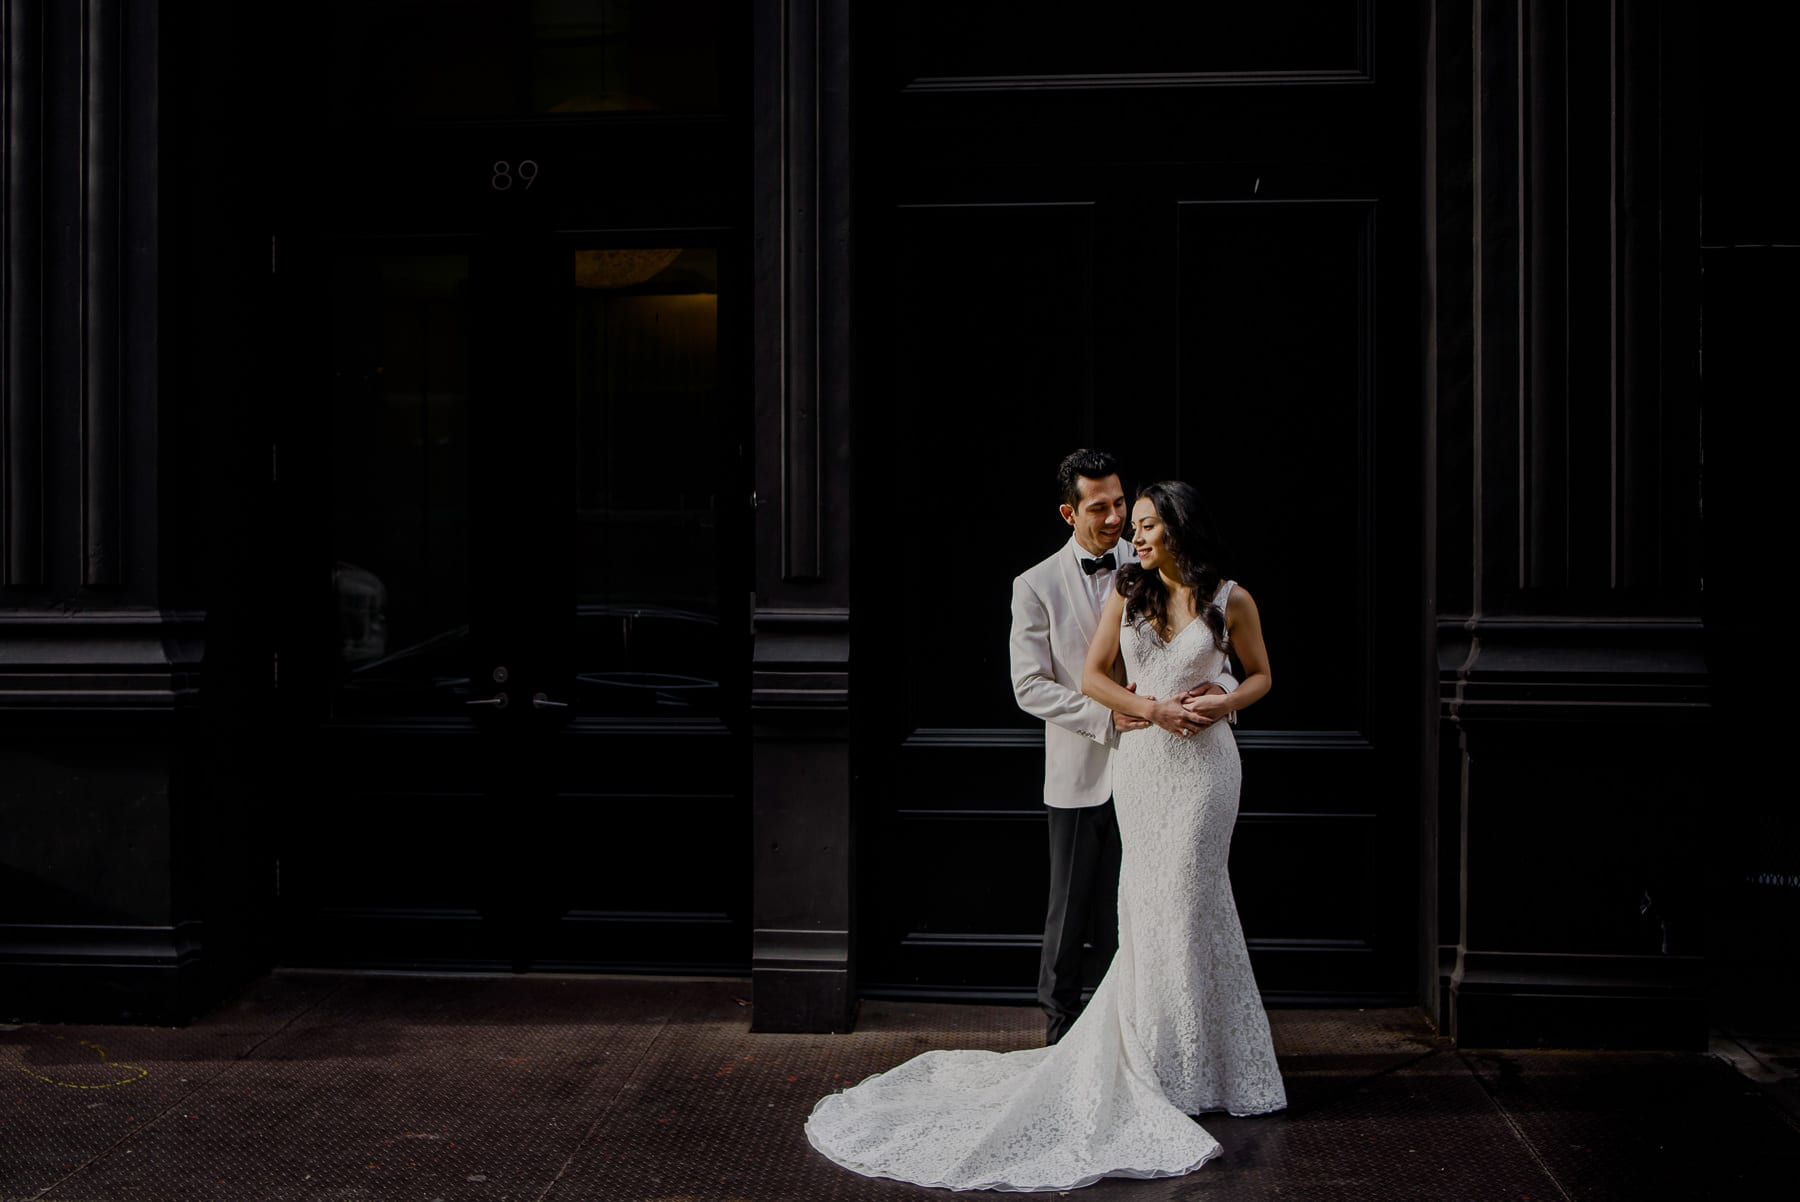 manhattan-wedding-pictures-new-york02